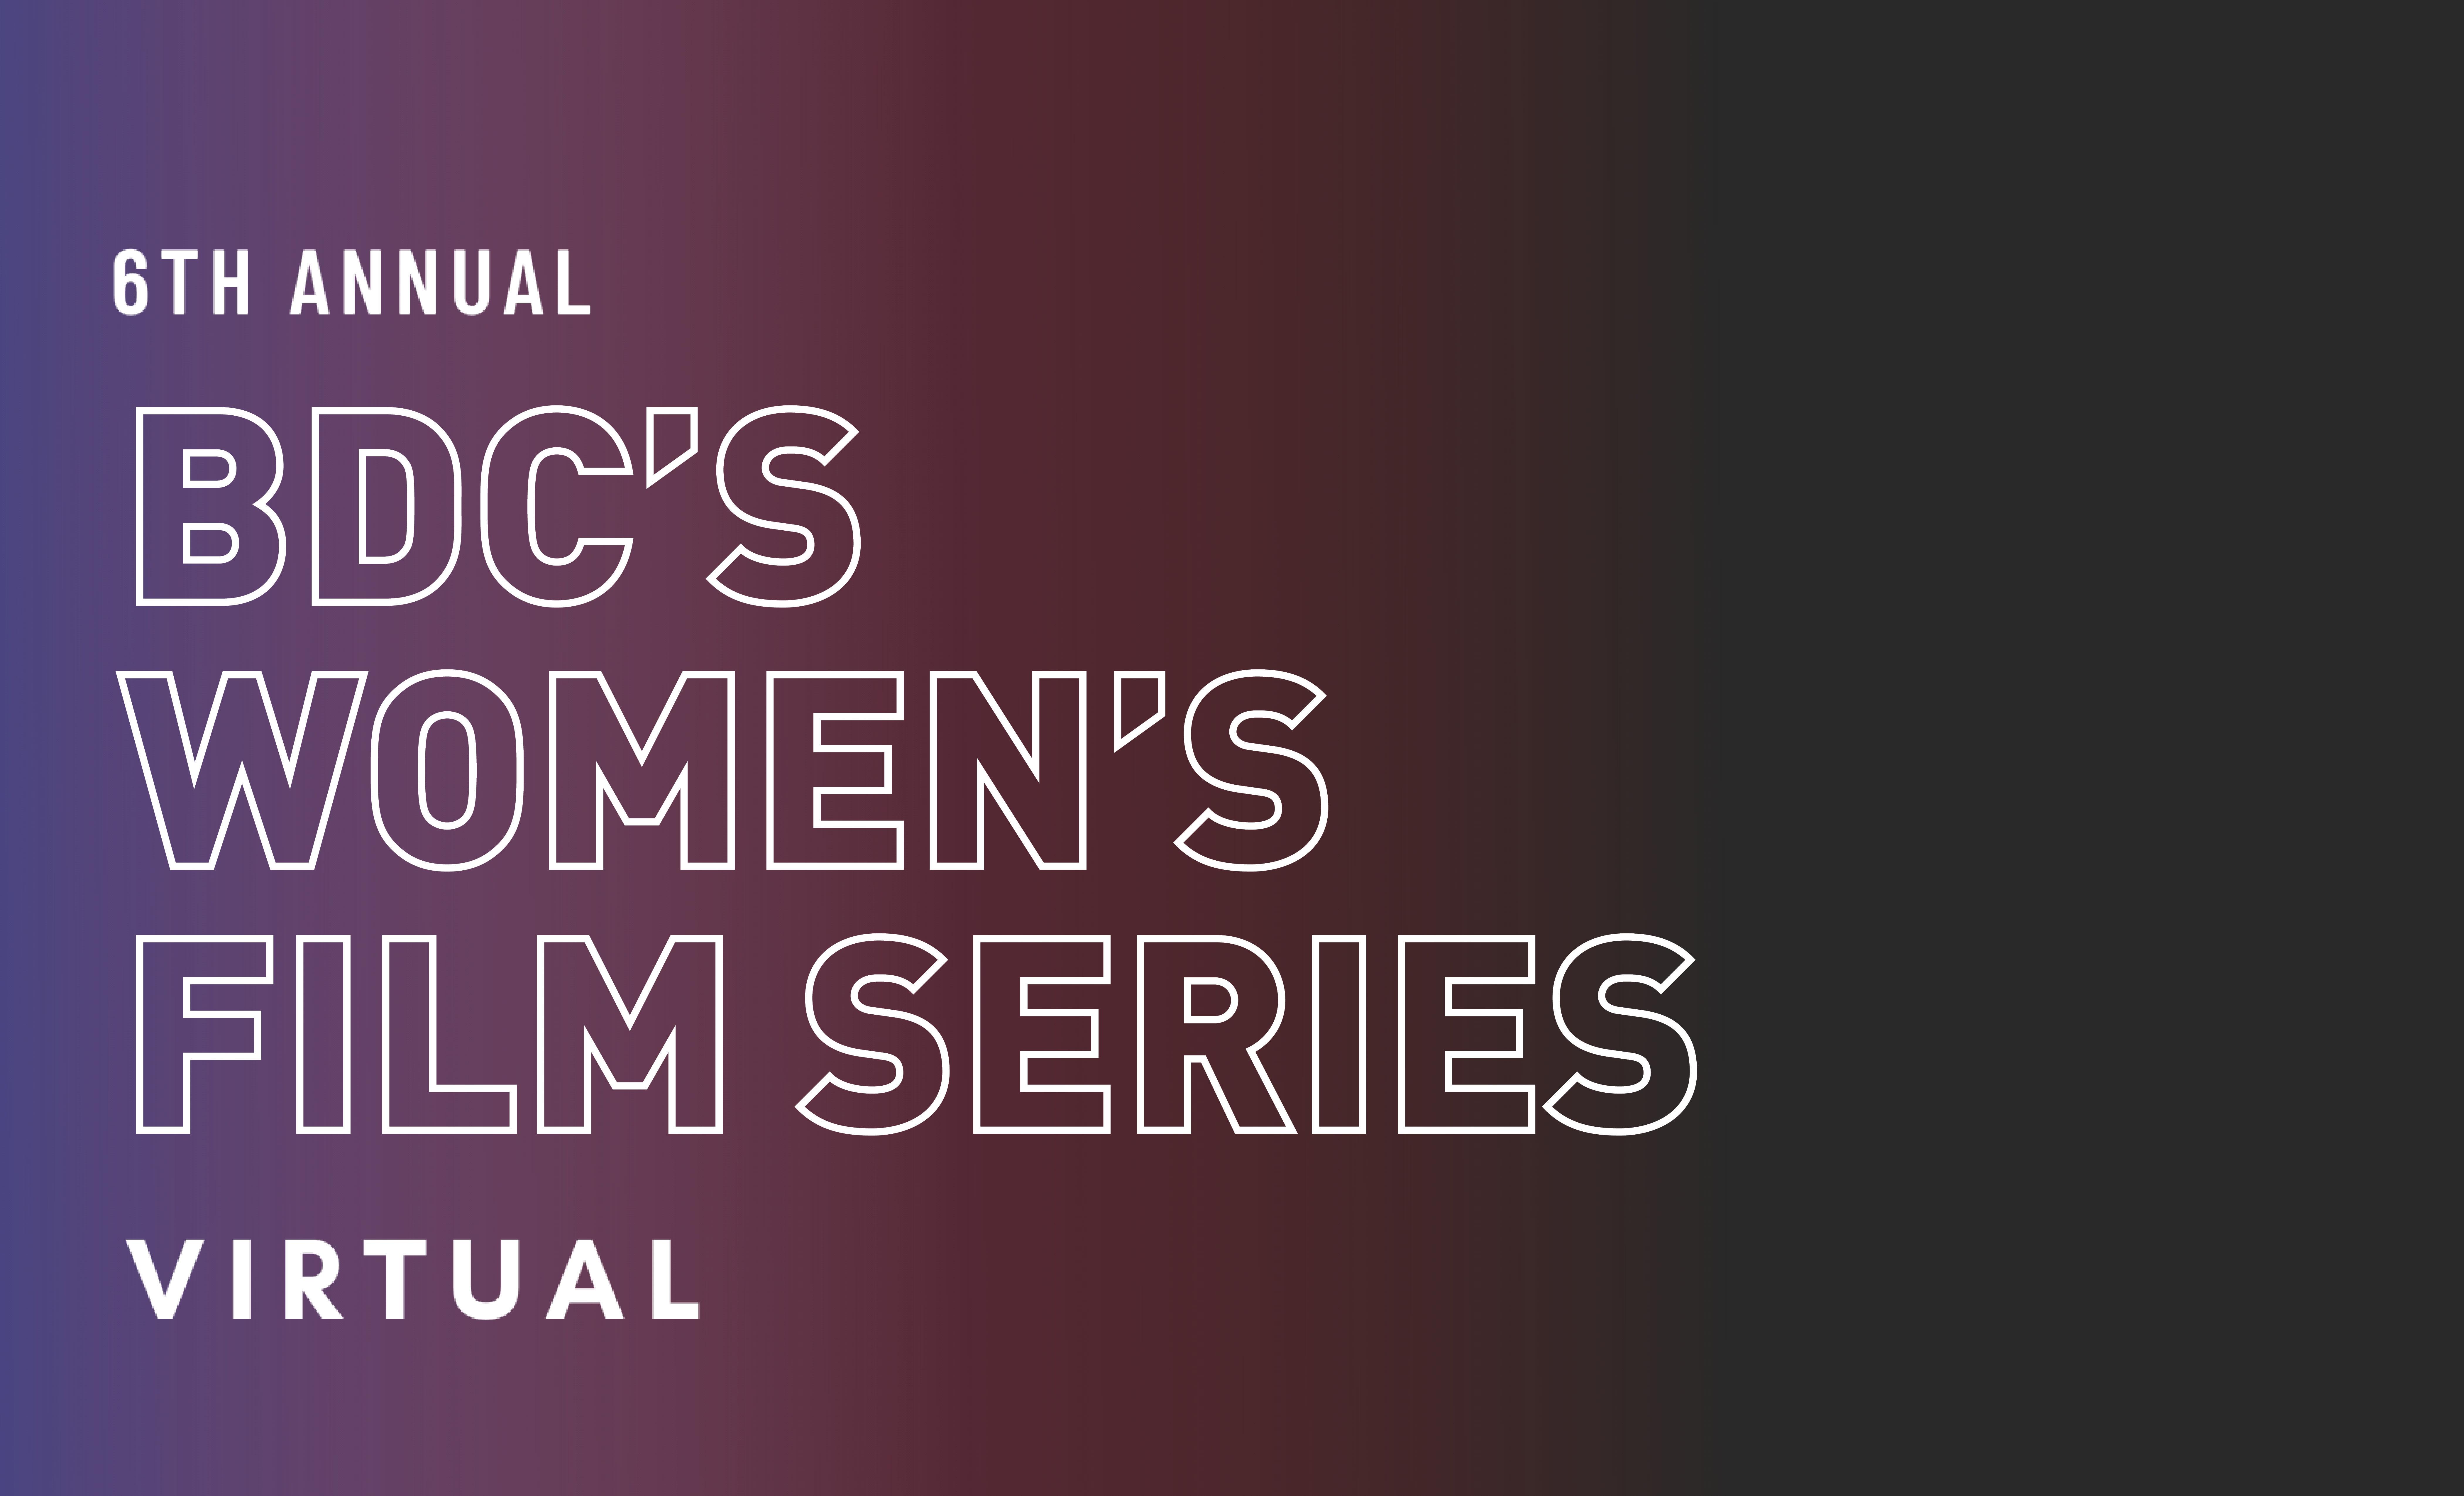 6th Annual Women's Film Series